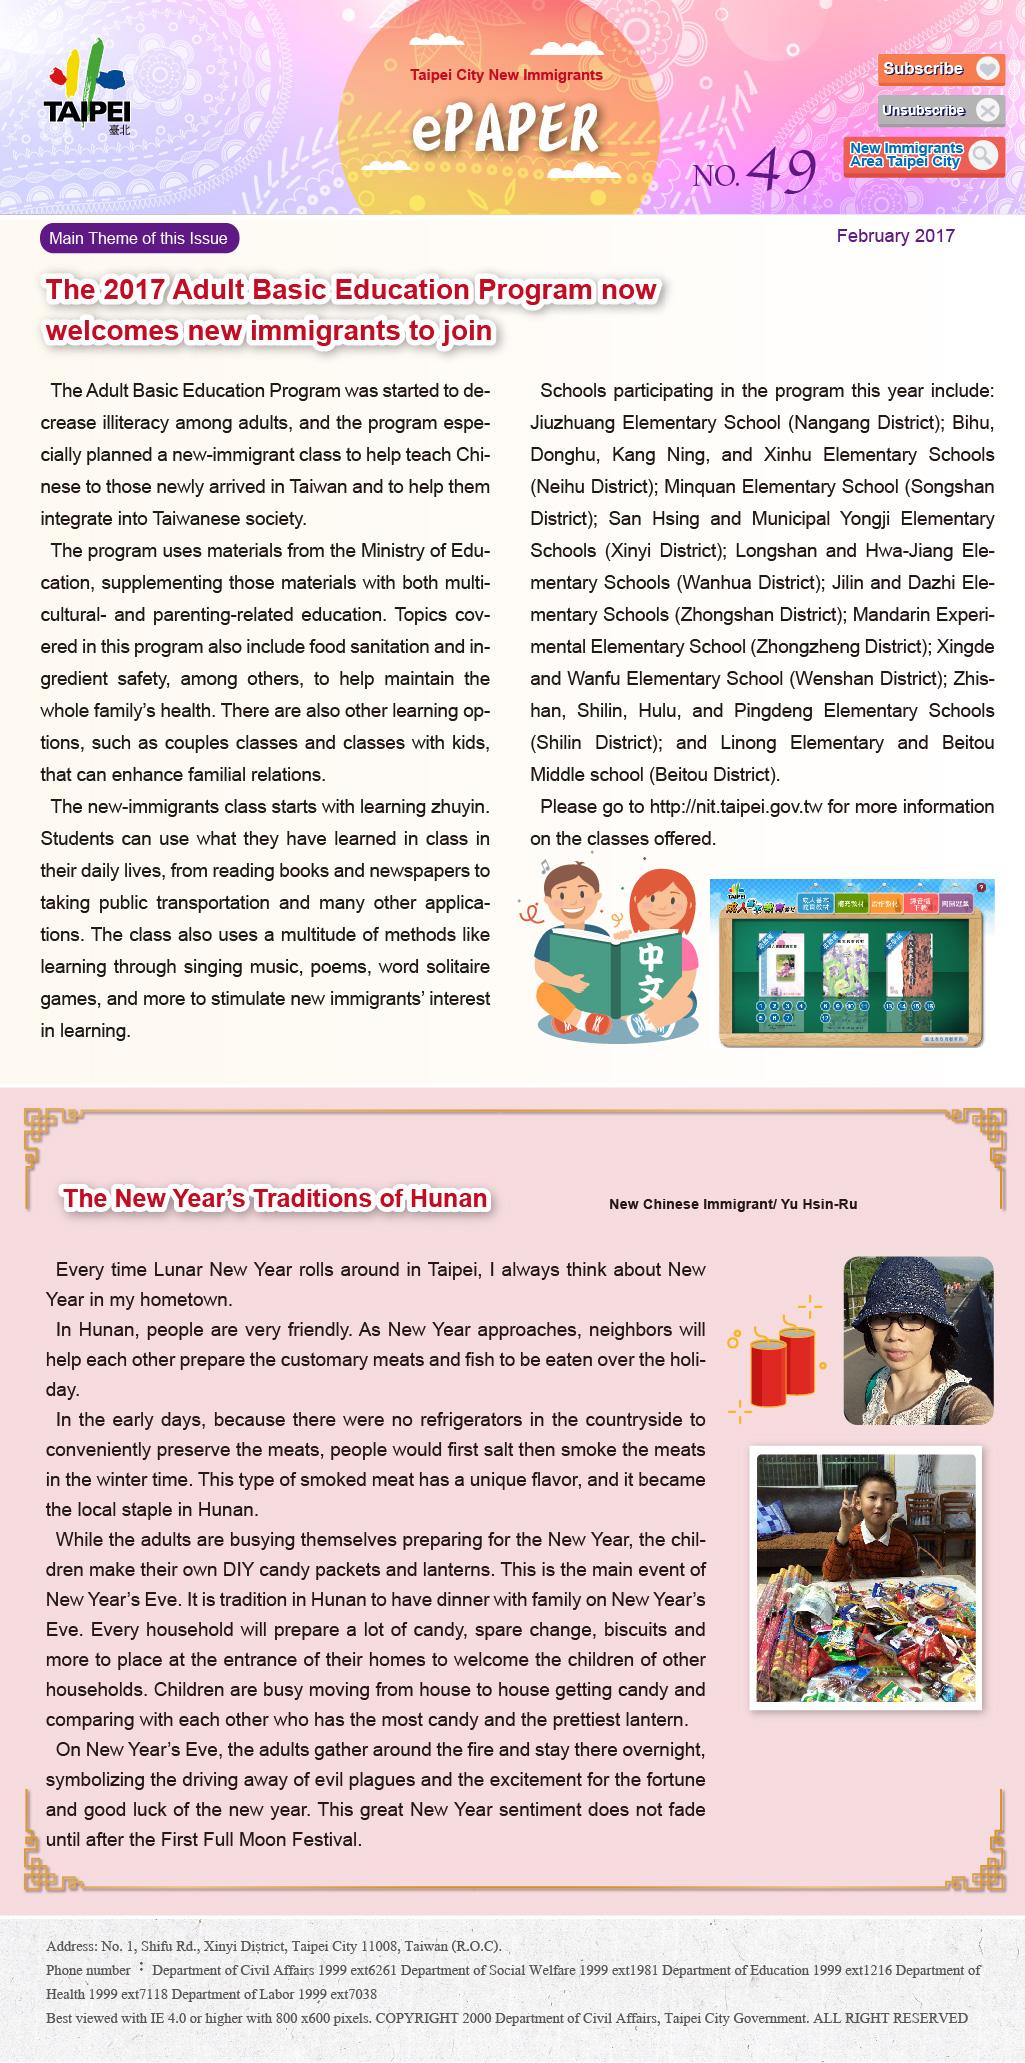 臺北市新移民電子報-2月份期刊